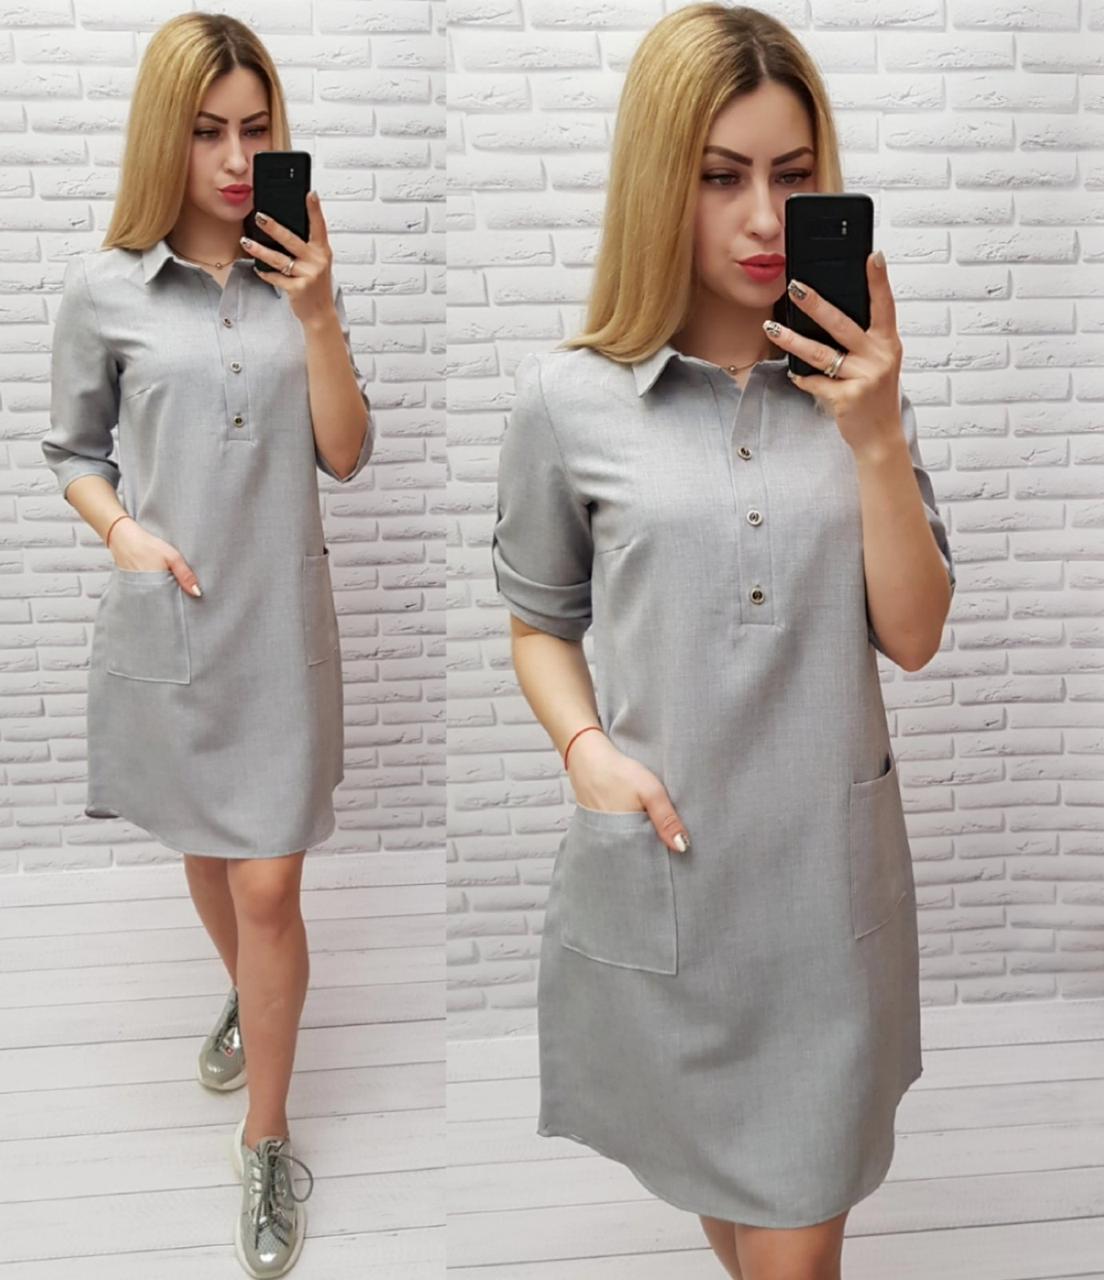 Арт831 Хлопковое платье-рубашка с карманами однотон, серое/  серого цвета/ светло-серое